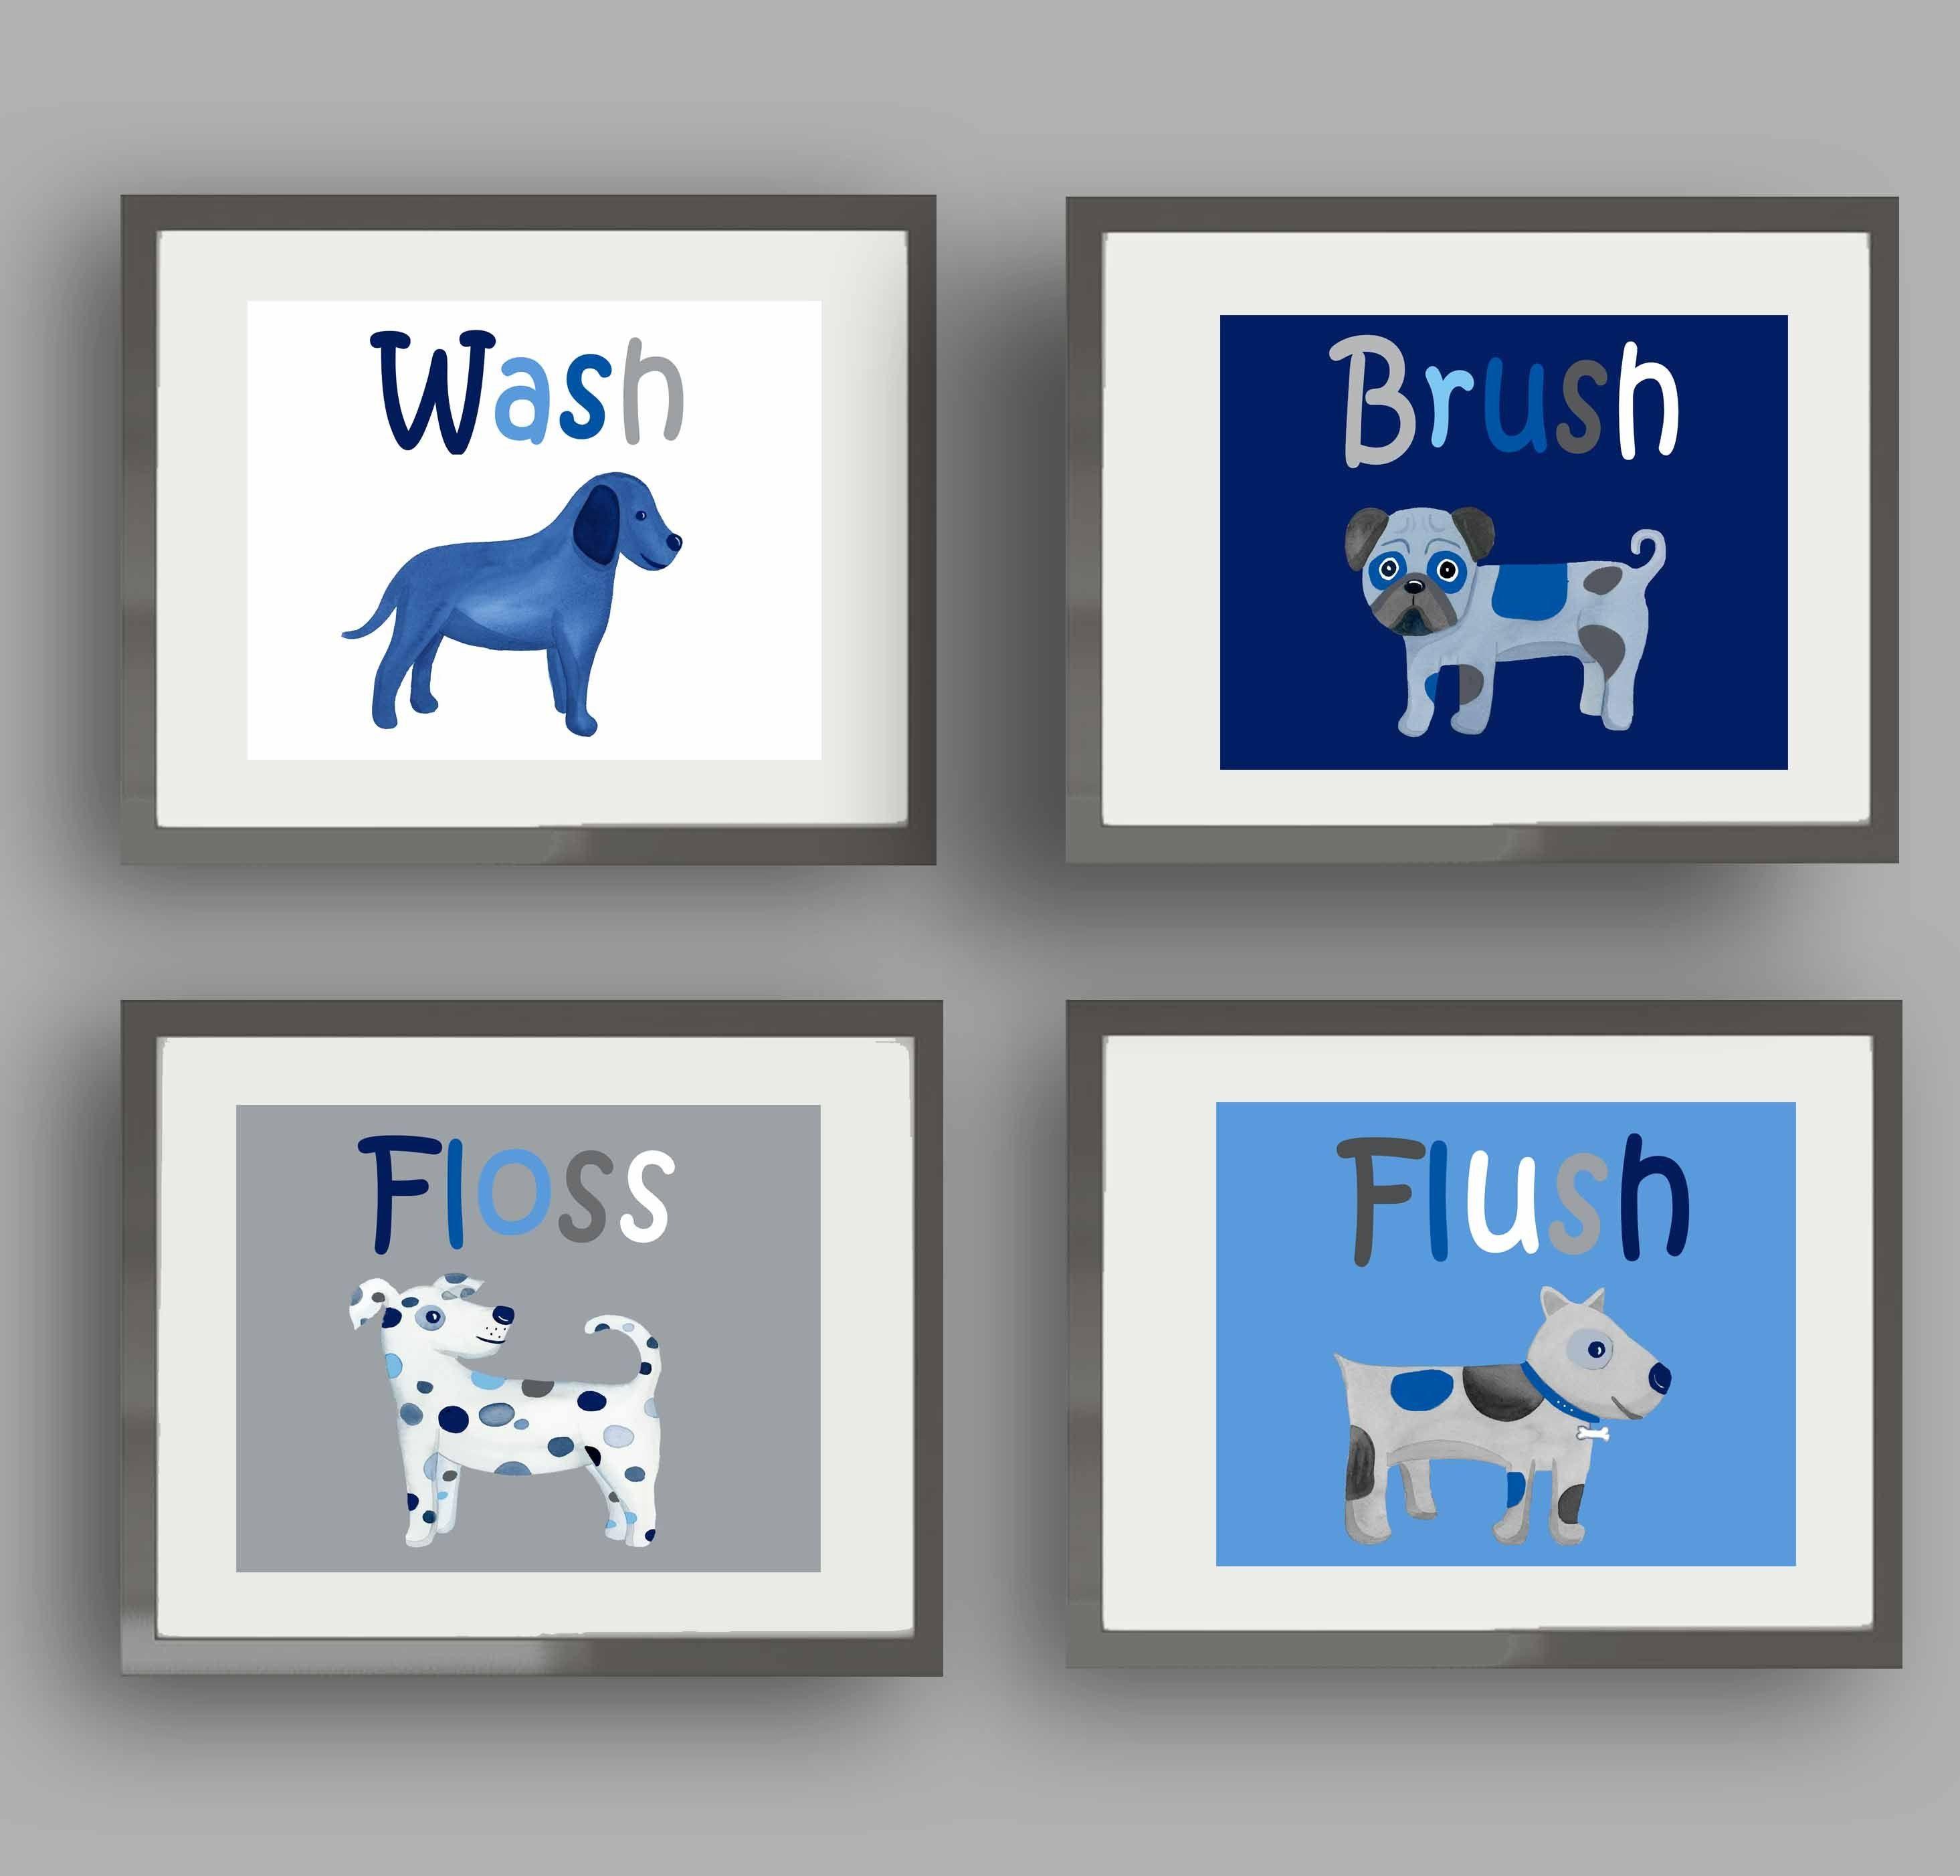 dog wall art decor for boy bathroom,dog bathroom rules, wash flush